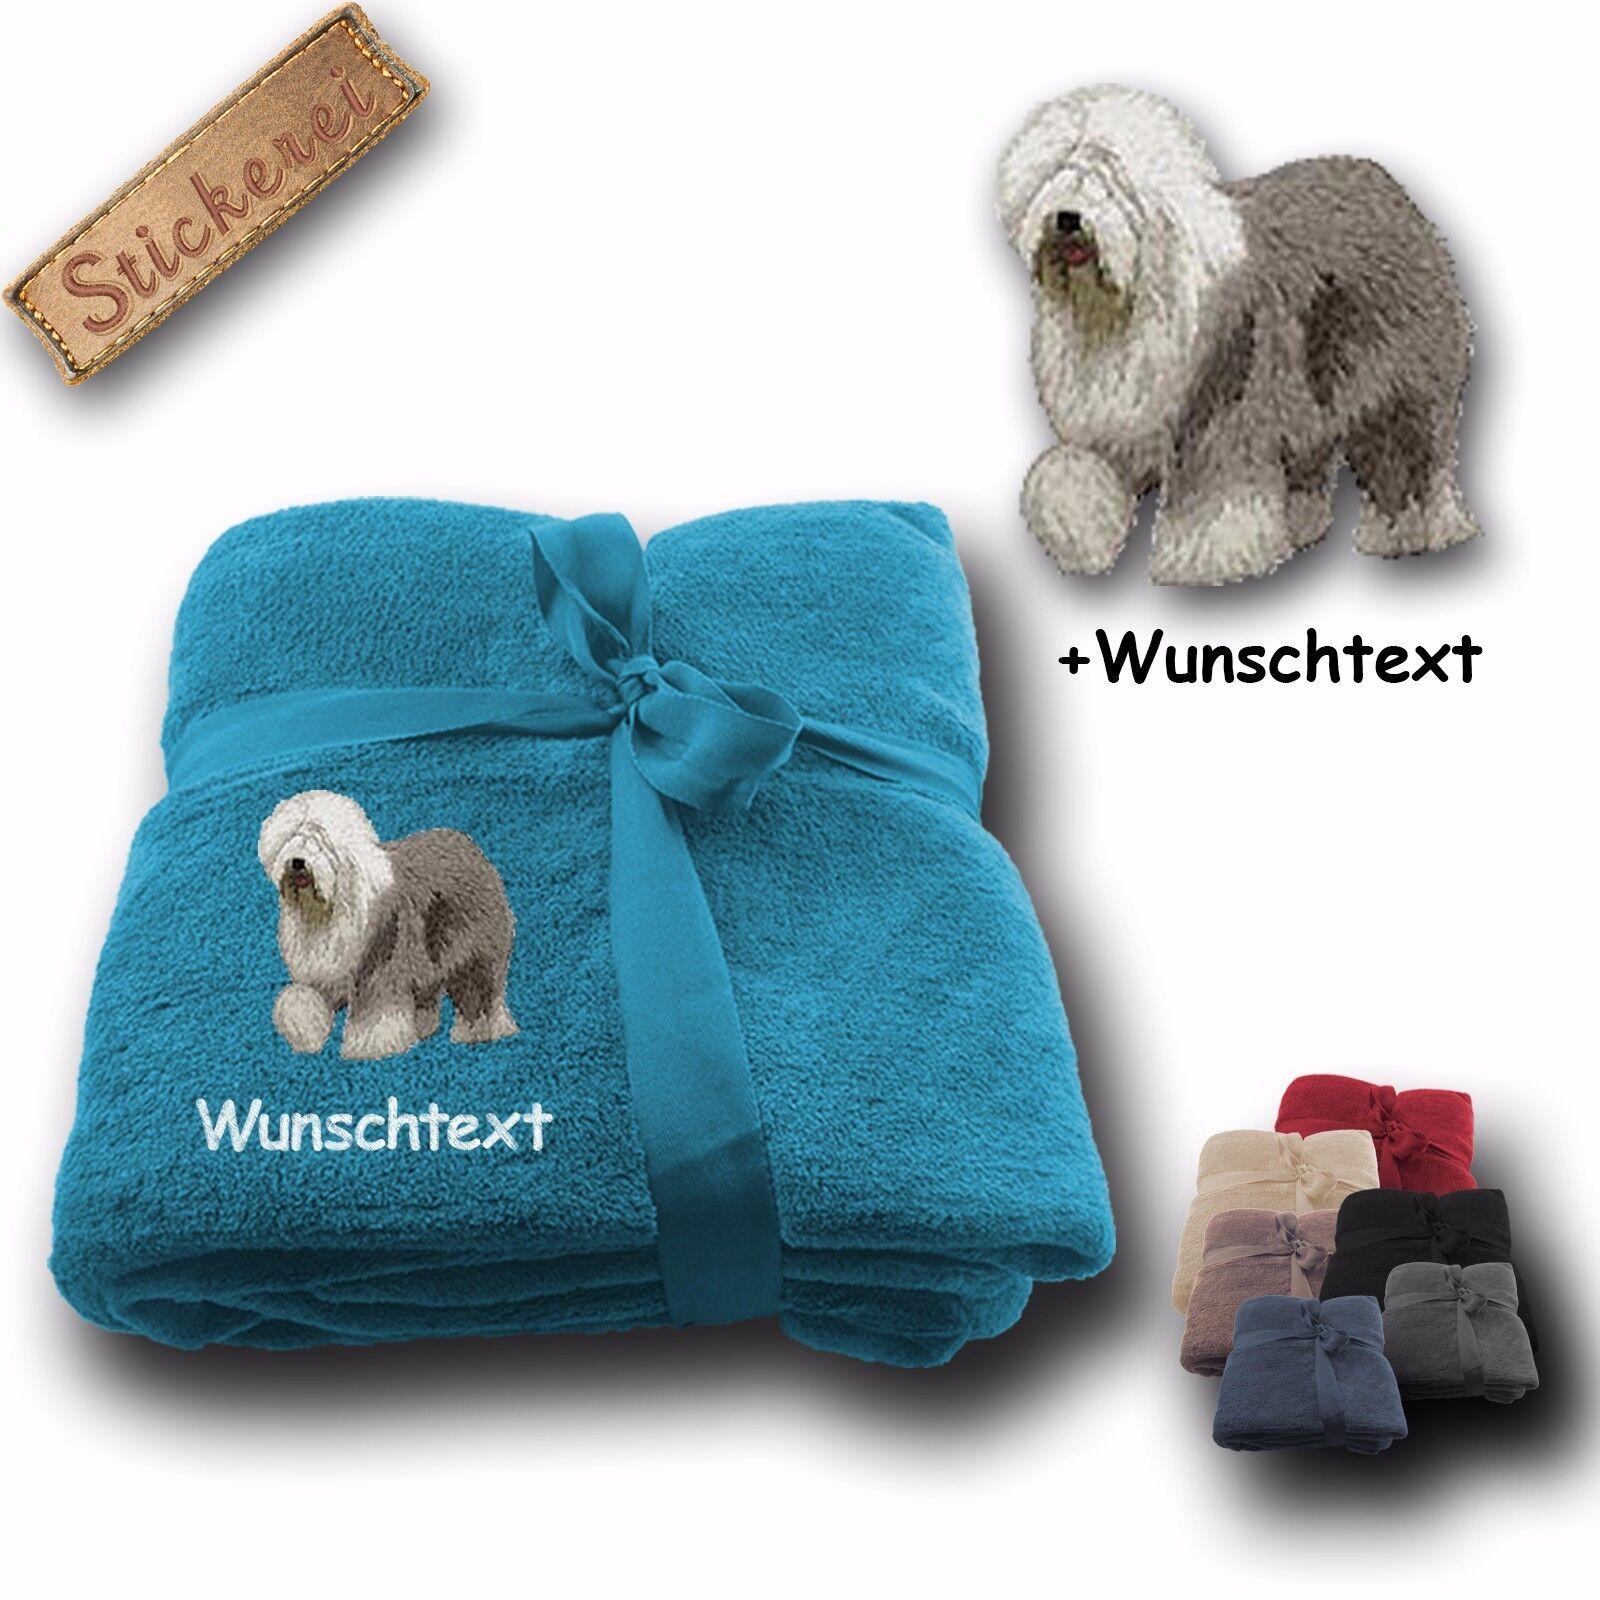 Flauschige Kuscheldecke Decke Hund Bobtail +Wunschtext Stickerei 180x130cm